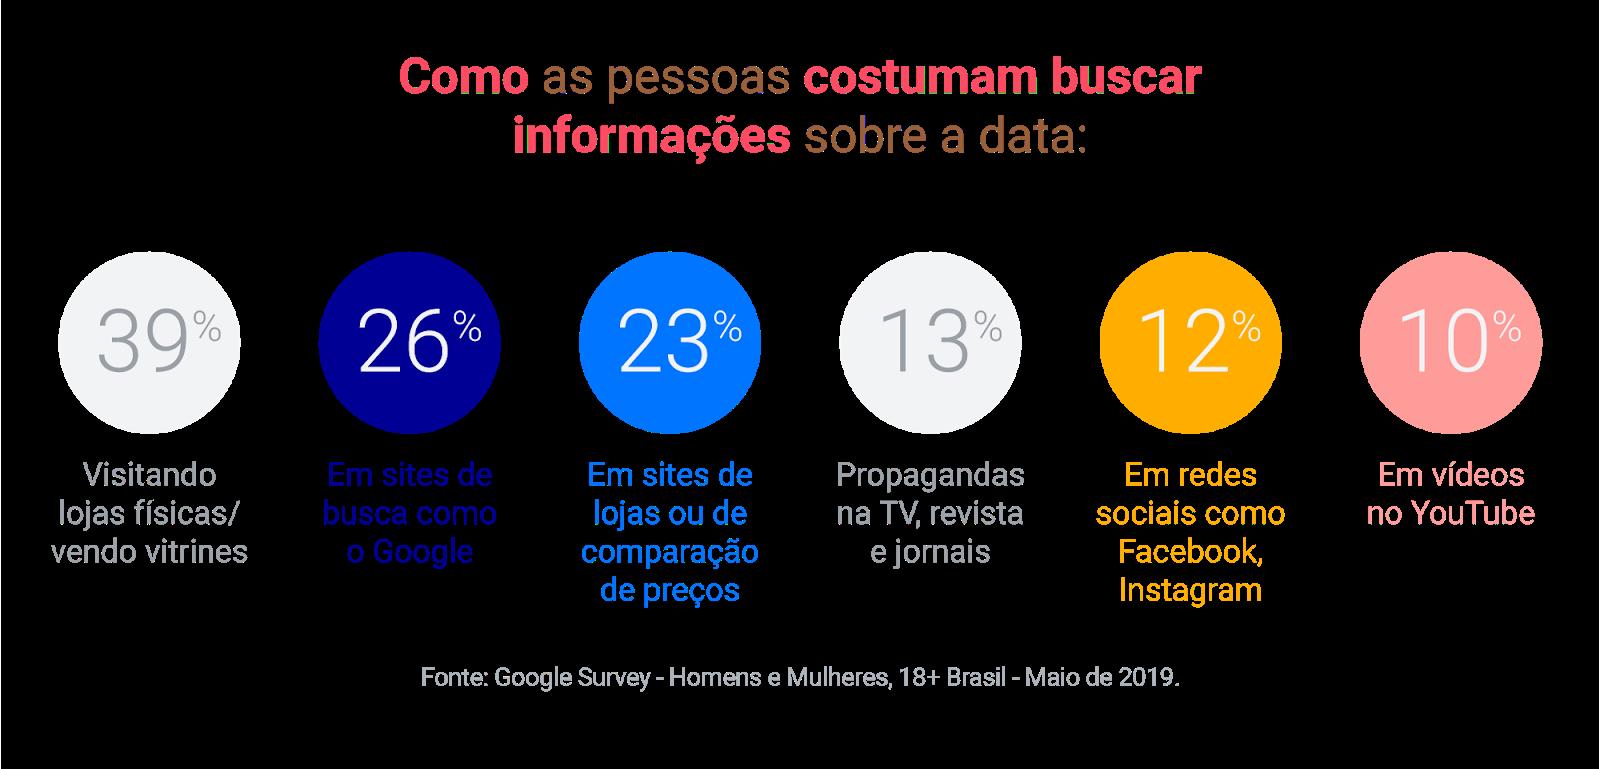 4 - Dia dos pais: dicas para sua marca aproveitar a data na internet